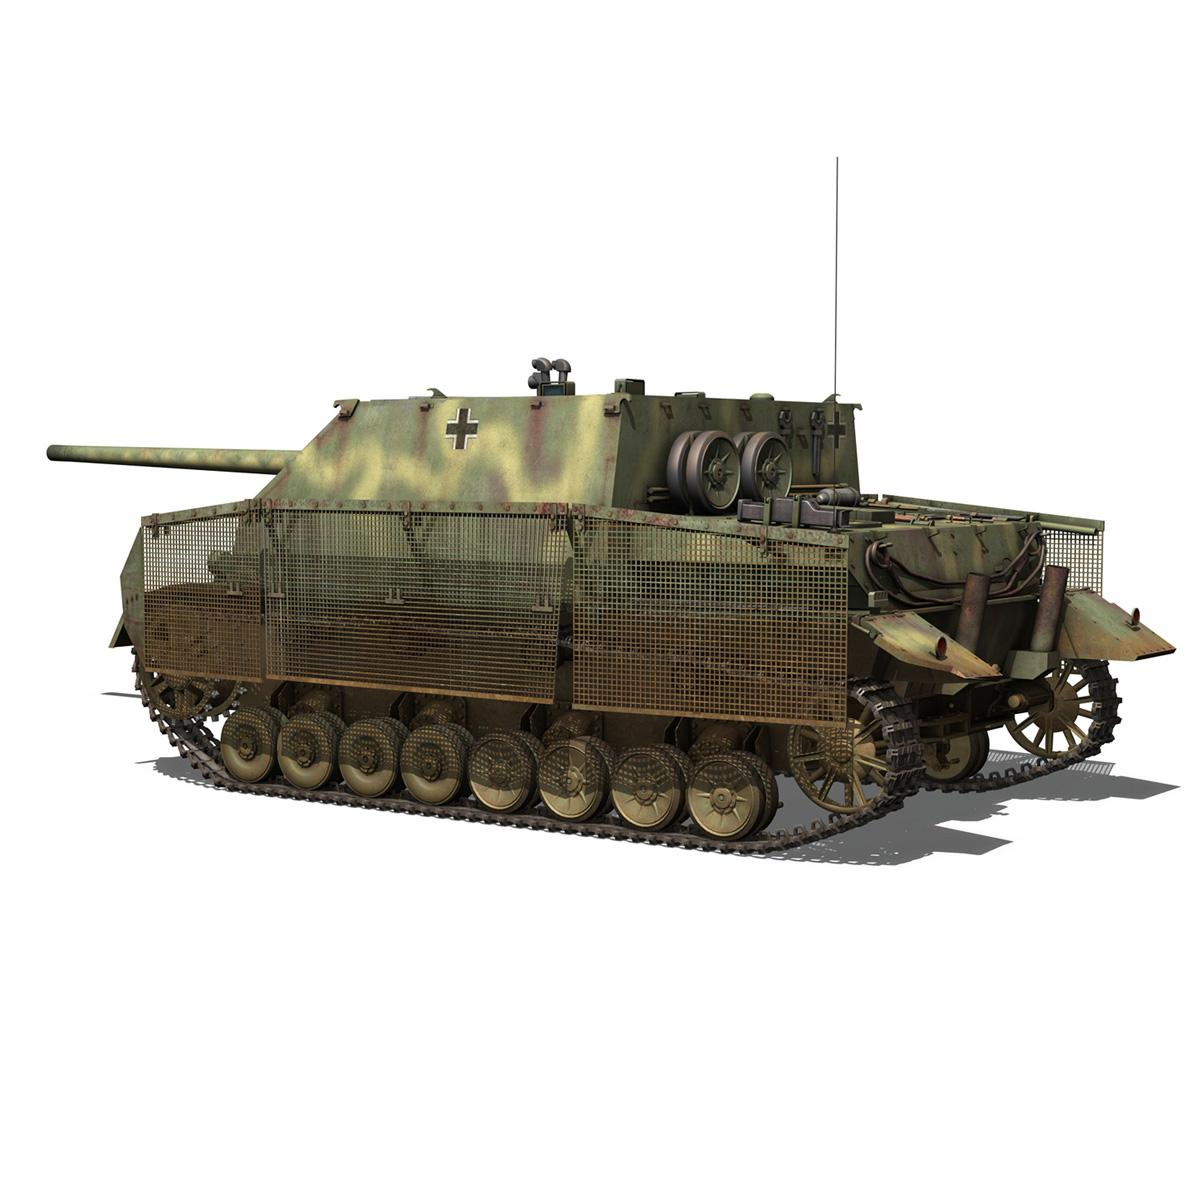 jagdpanzer iv l/70 (a) 3d model 3ds fbx c4d obj 200831